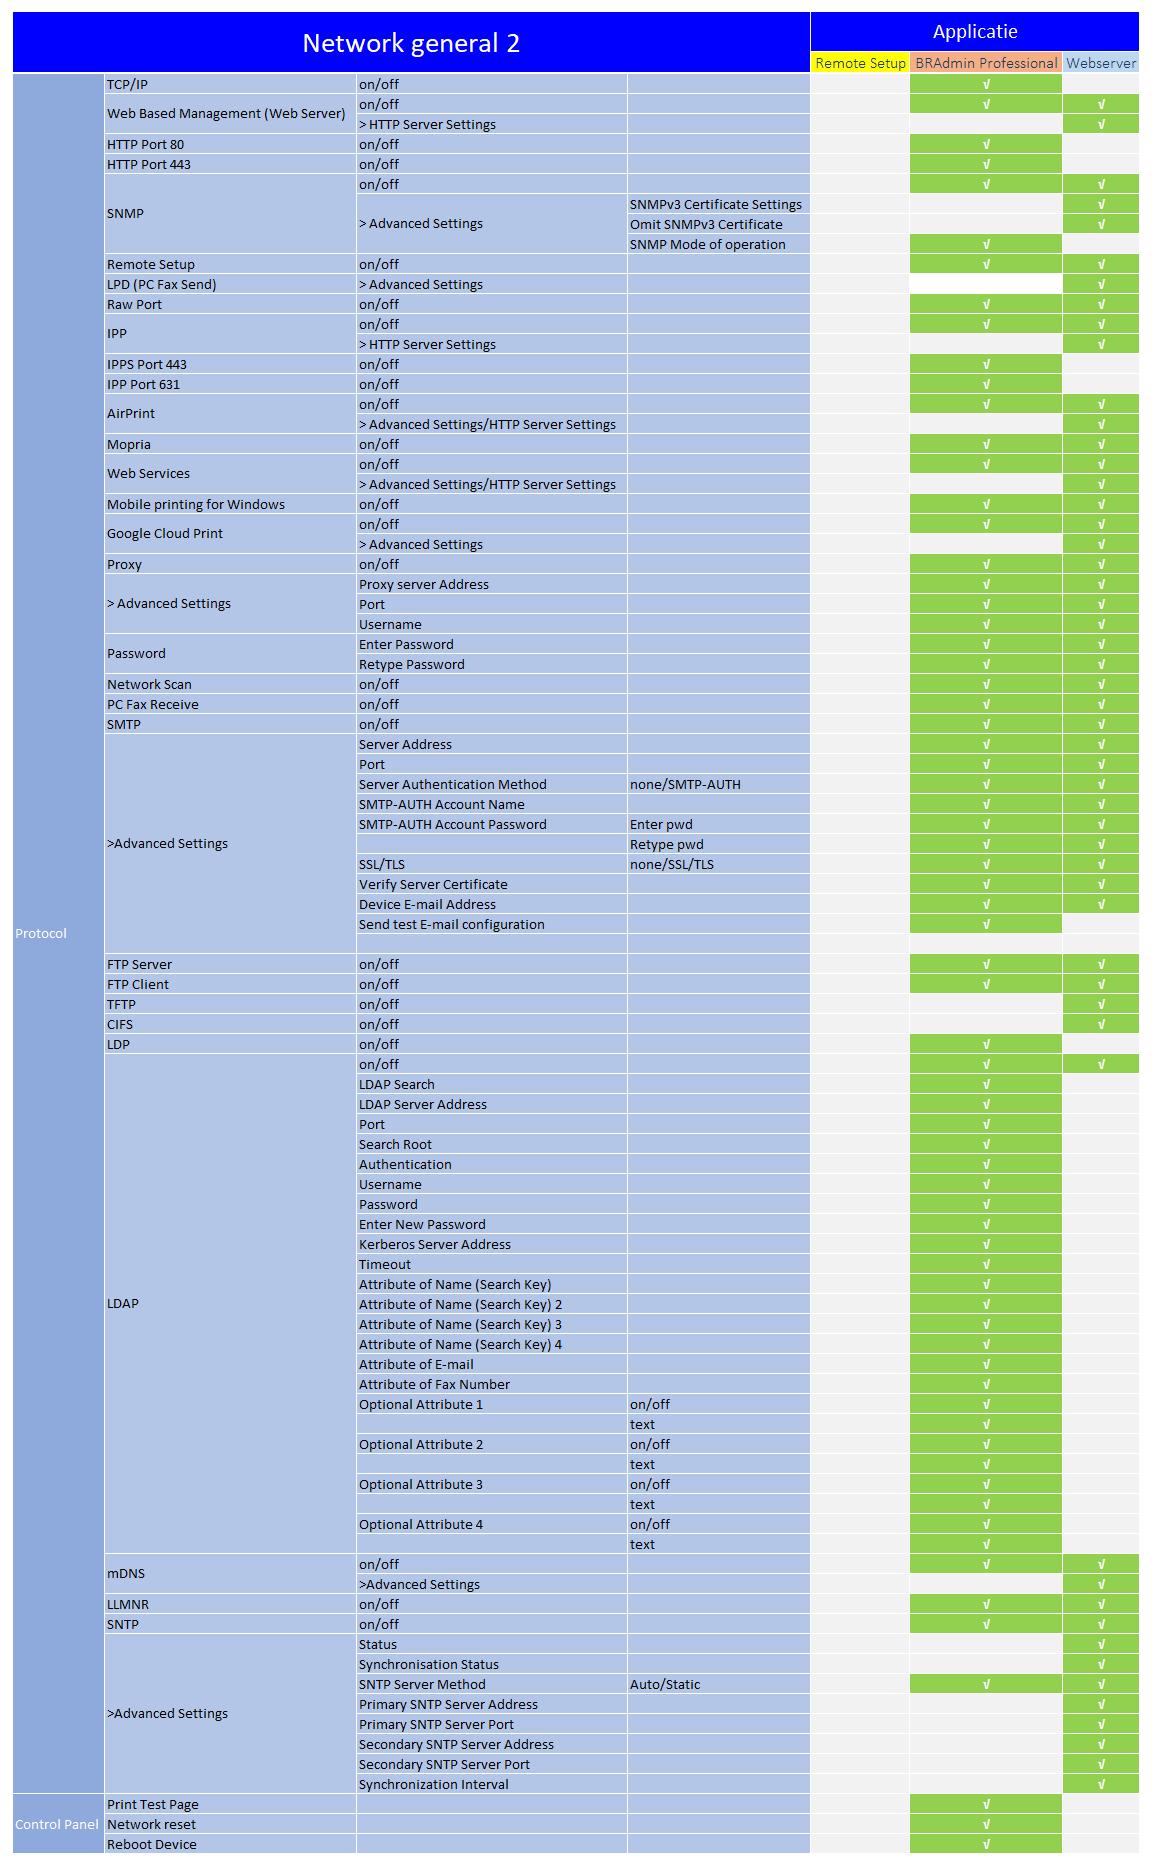 beheerssoftware_functies_network_general_2